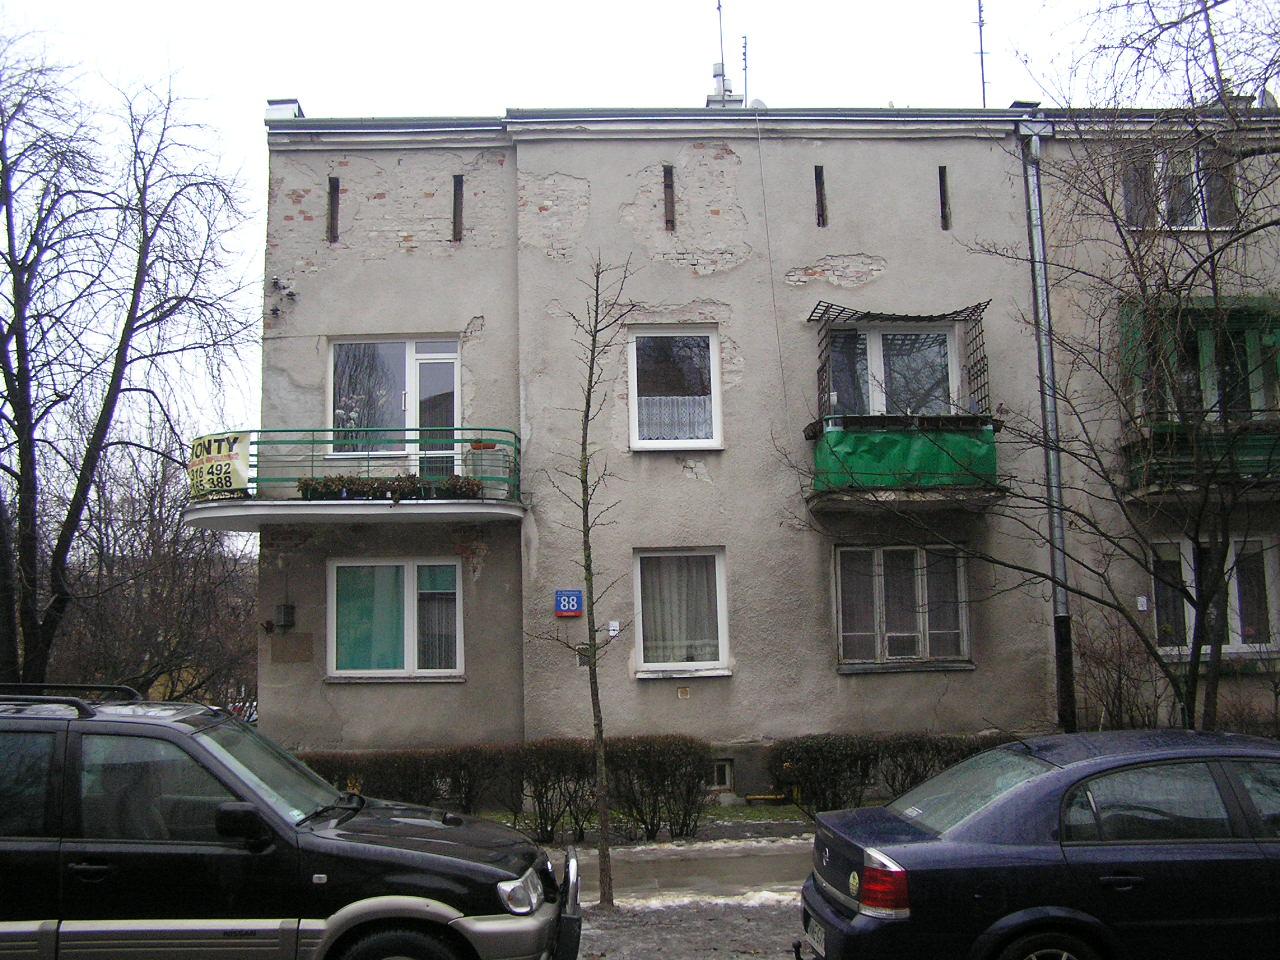 Kamienica przy ulicy Międzyborskiej 88 na Grochowie